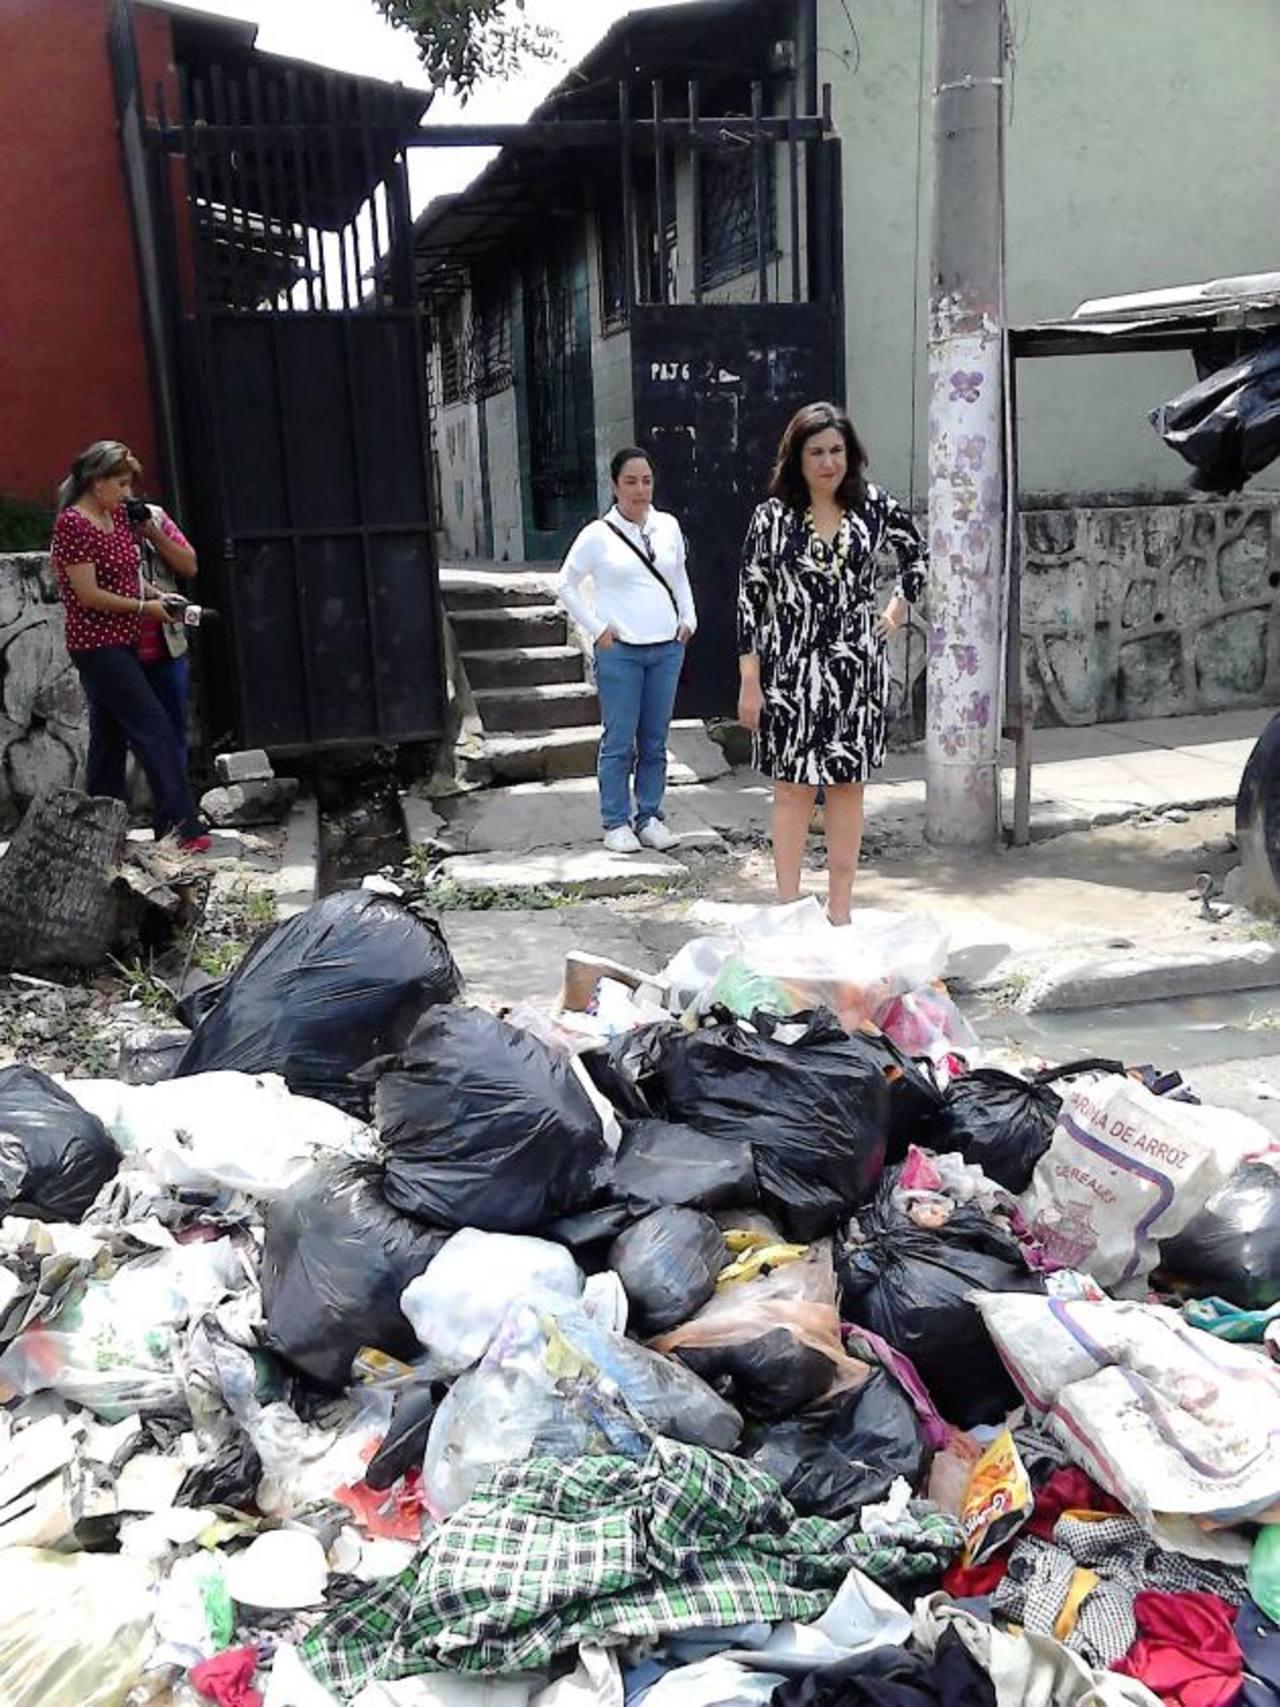 Lina Pohl, ministra de Medio Ambiente, realizó un recorrido por los basureros de la colonia Zacamil. Foto EDH / ricardo guevara